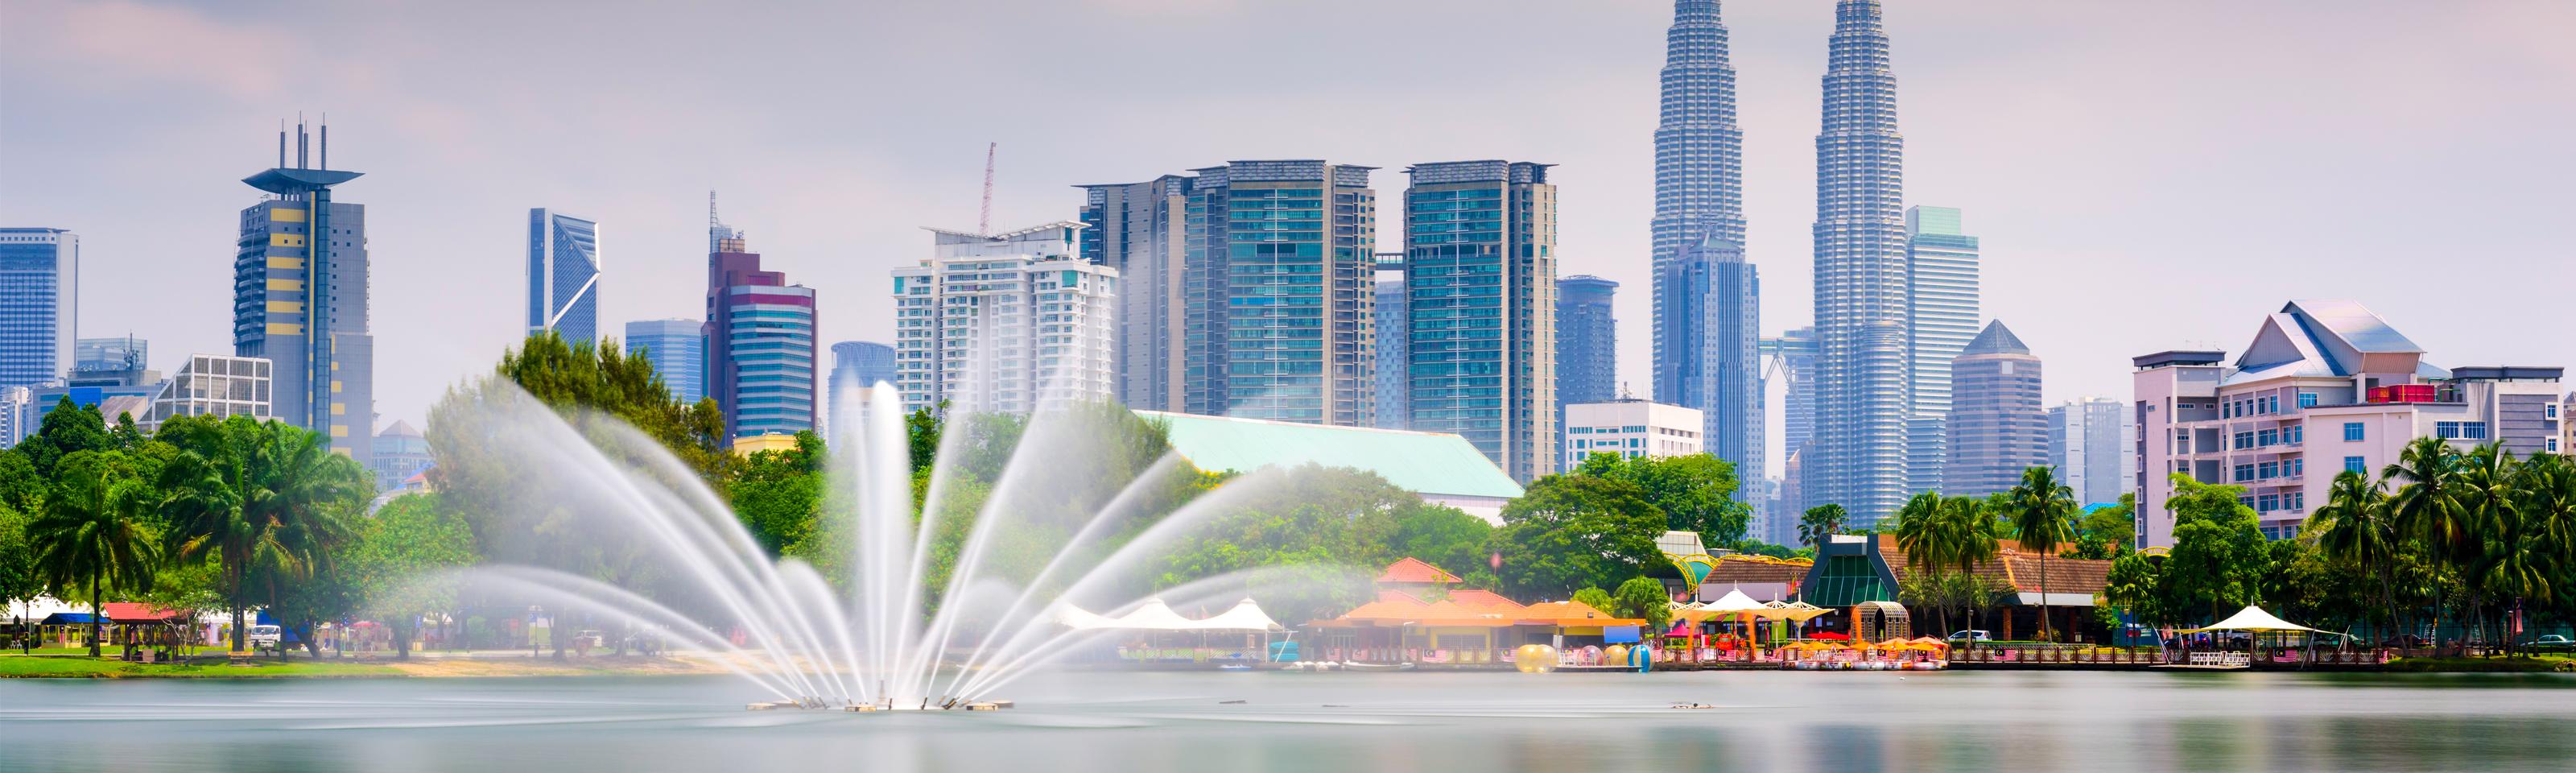 SKIM-Pricing-and-Communication-Masterclass-Malaysia